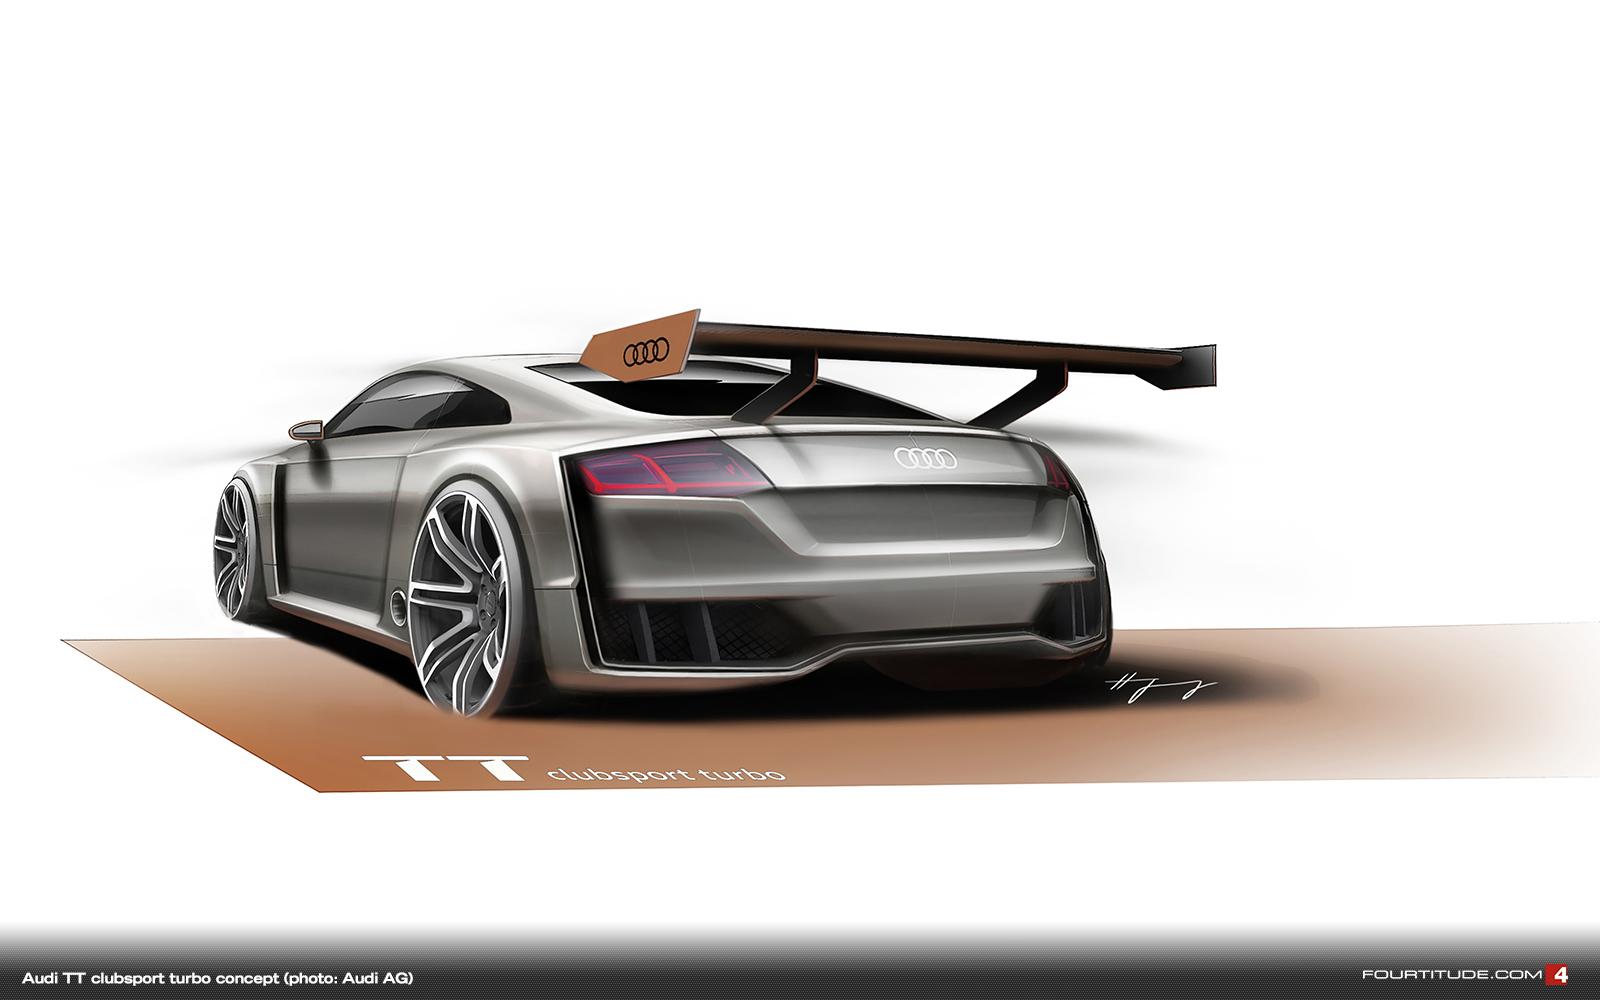 Audi Tt Clubsport Turbo Concept Audi Tt Mk1 8n Tuning Parts